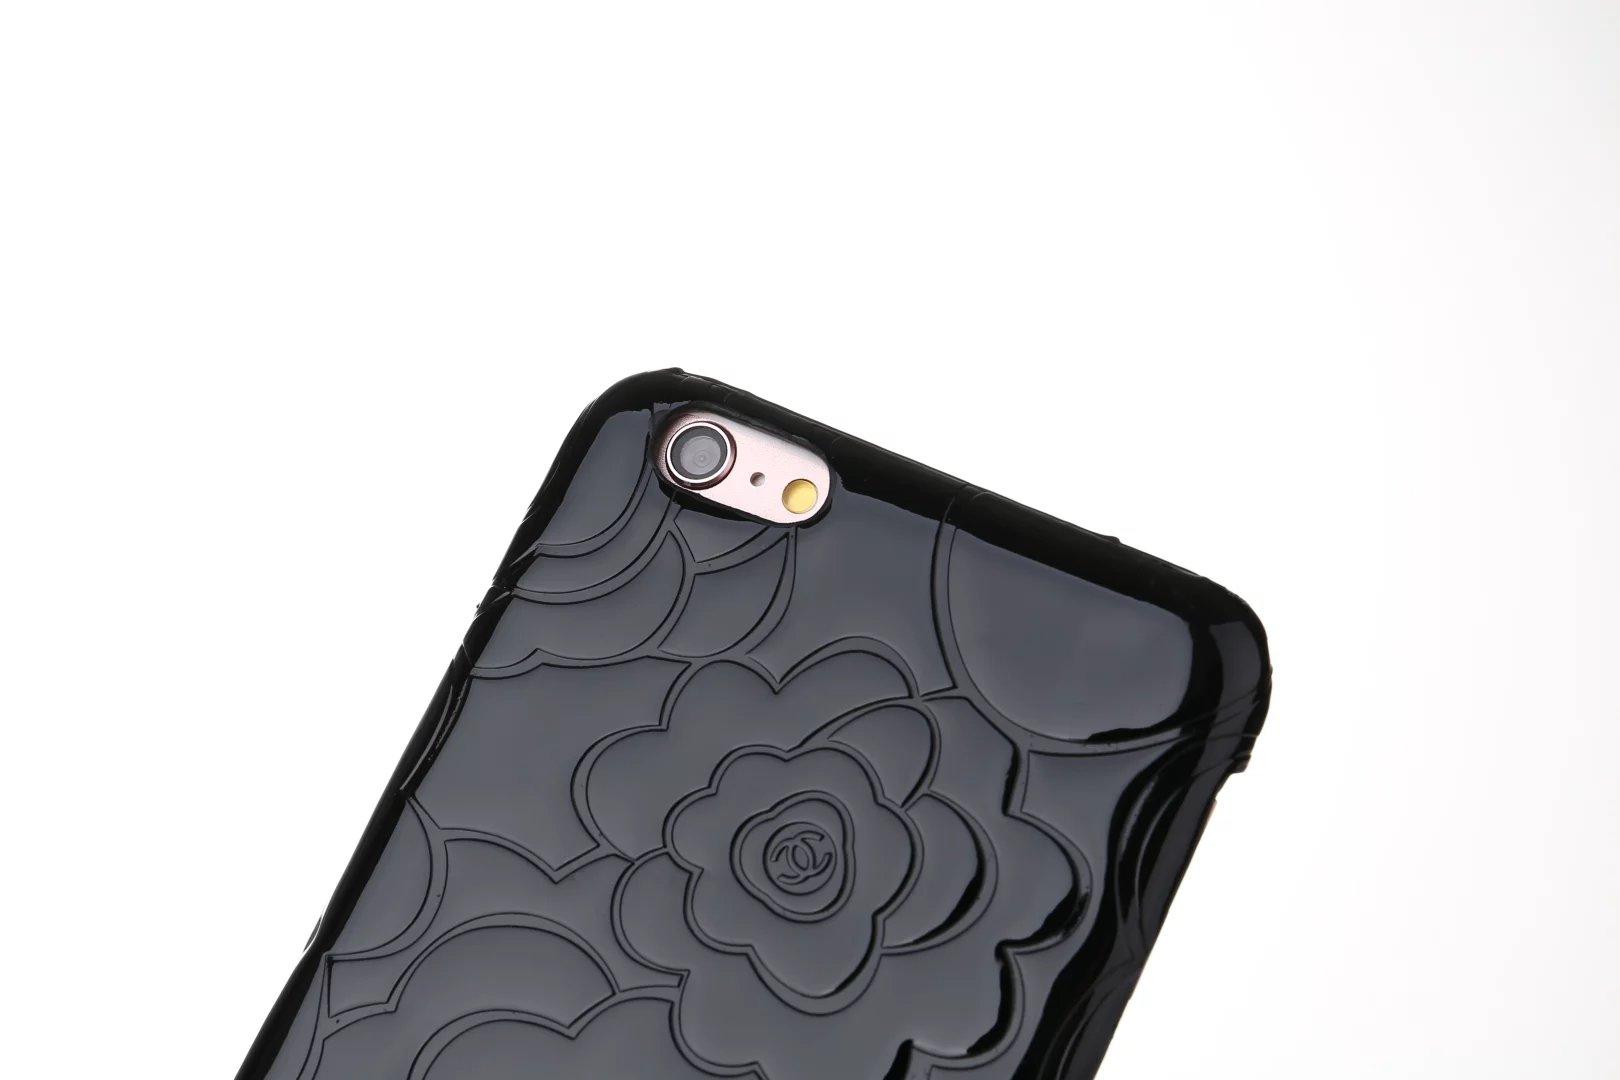 best iphone 7 s cases designer iphone cases 7 fashion iphone7 case iphone 7 real price iphone 7 nice cases iphone rubber case iphone 7 apple cover iphone cases brands customised phone cases